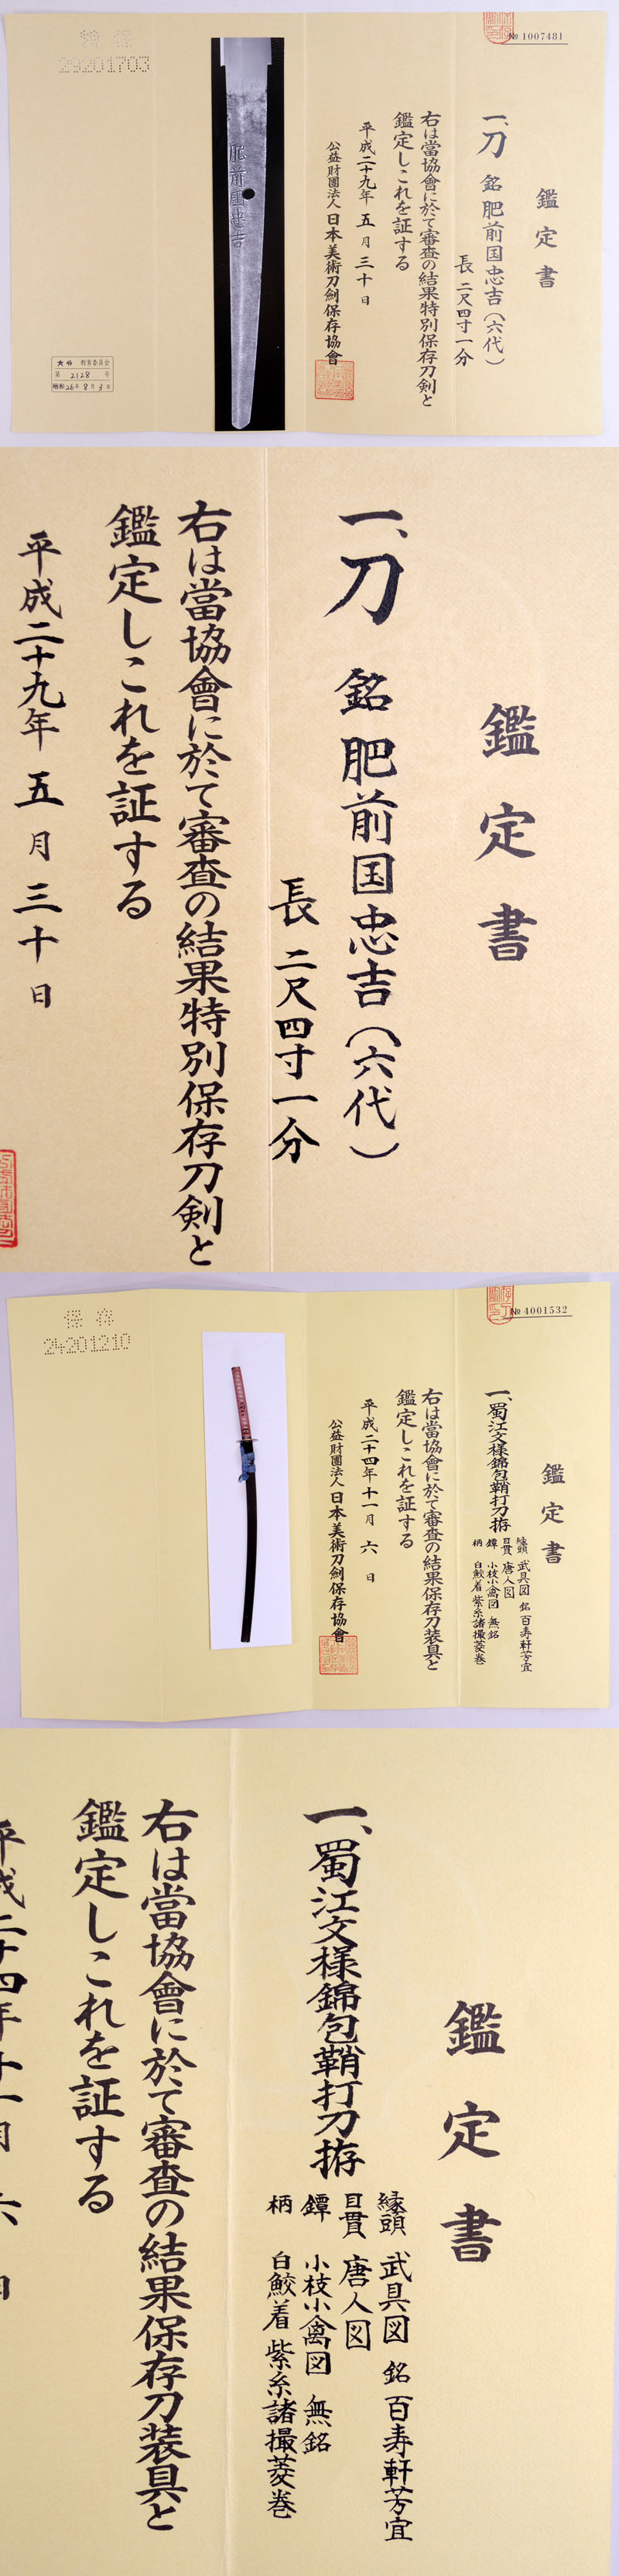 肥前国忠吉(肥前国近江守忠吉 六代) Picture of Certificate